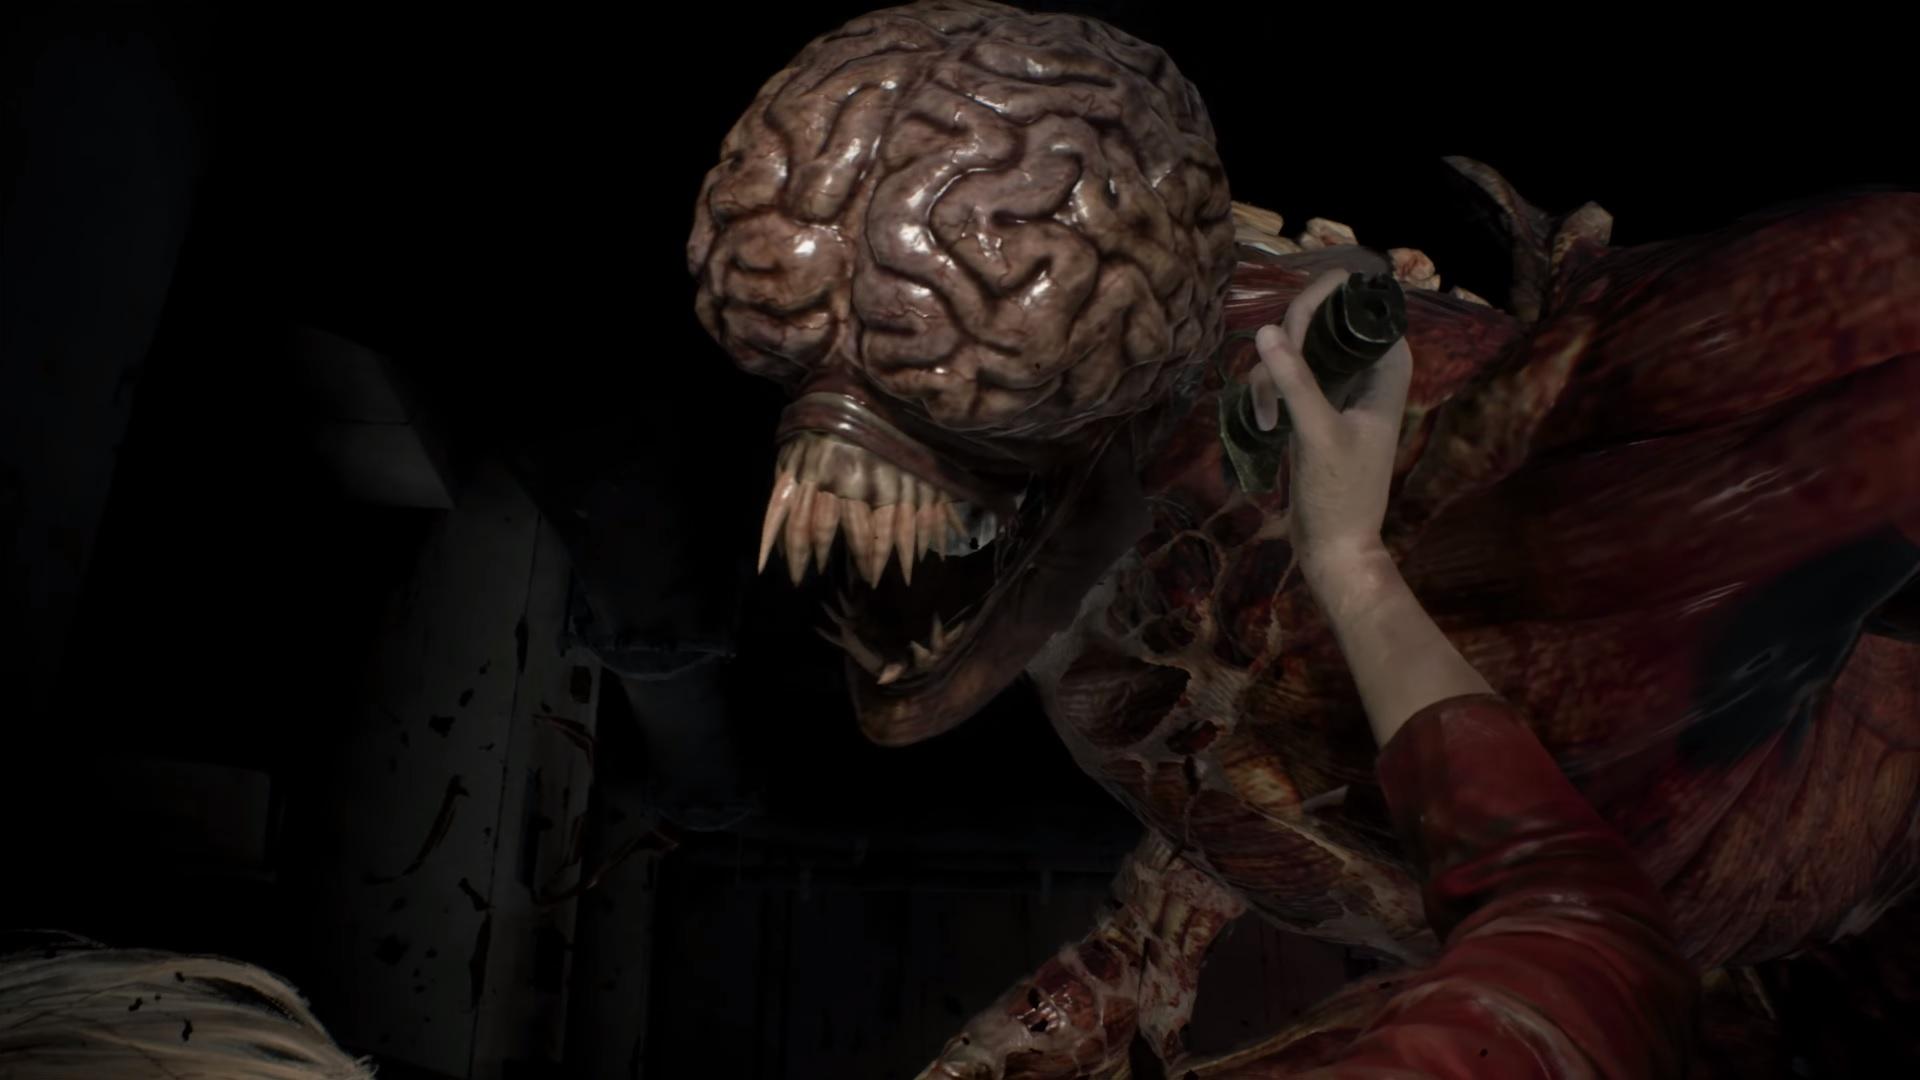 Resident Evil 2 Remake Licker